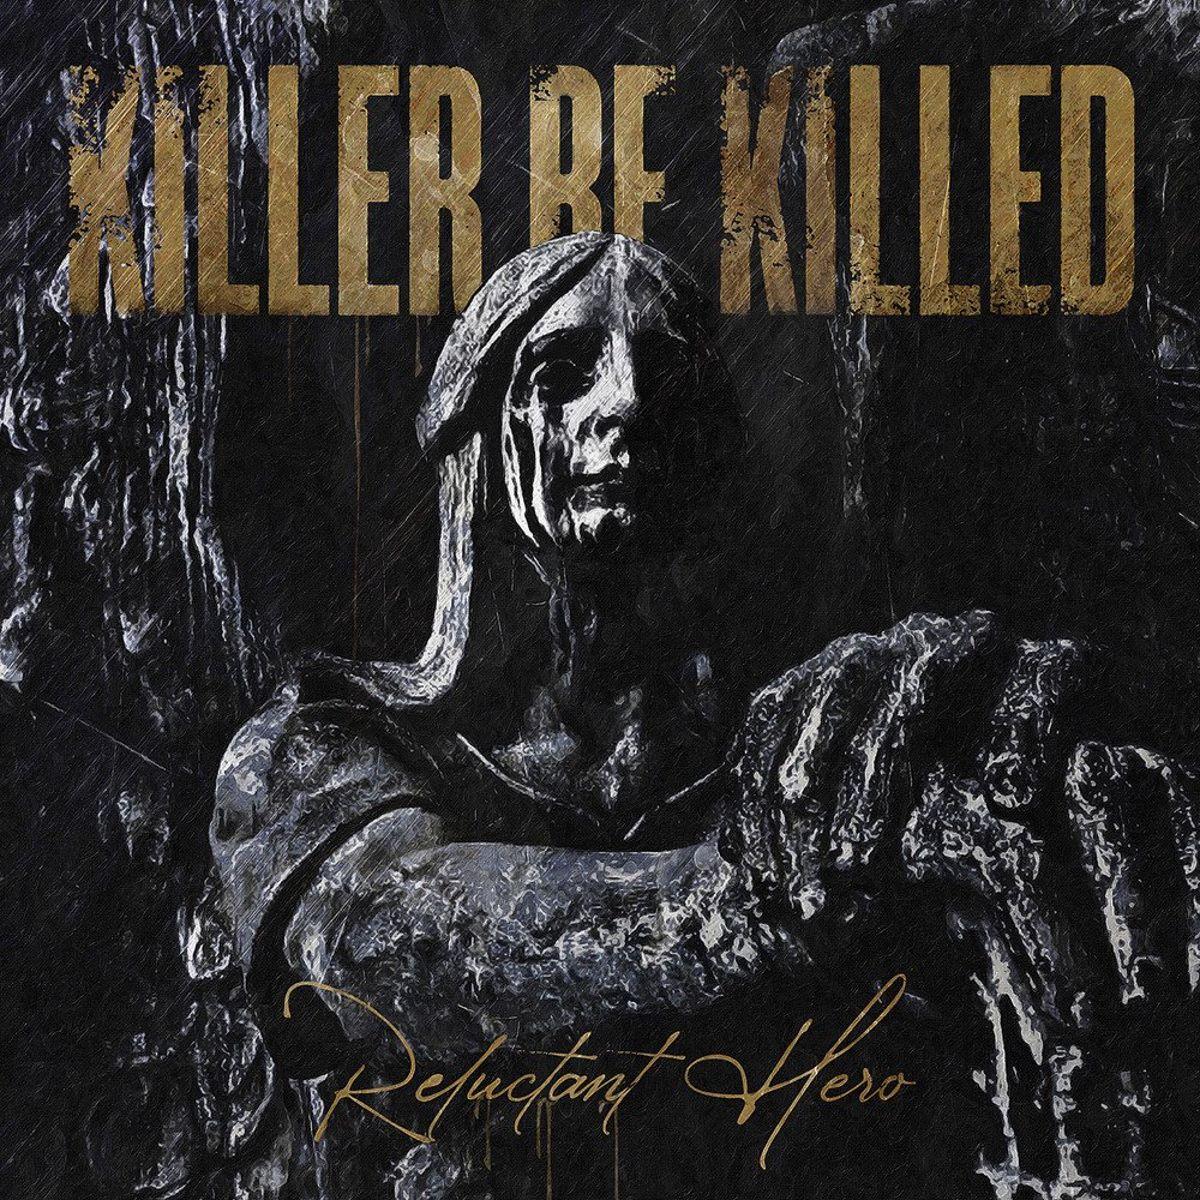 KILLER BE KILLED - Reluctant Hero - album cover